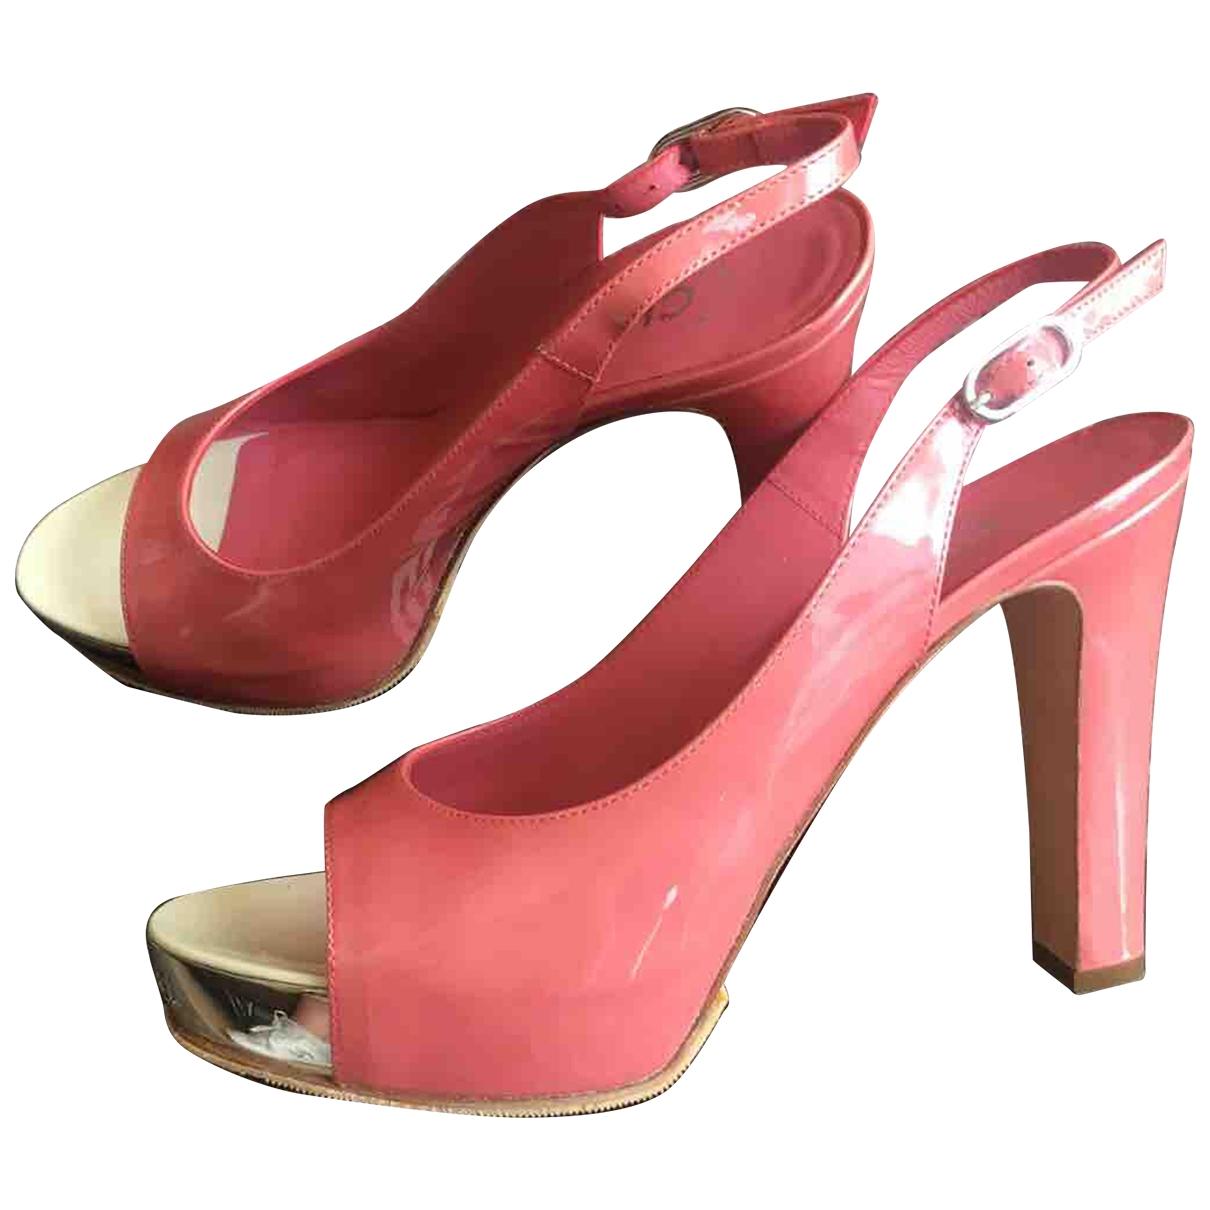 Chanel \N Pumps in  Rosa Lackleder